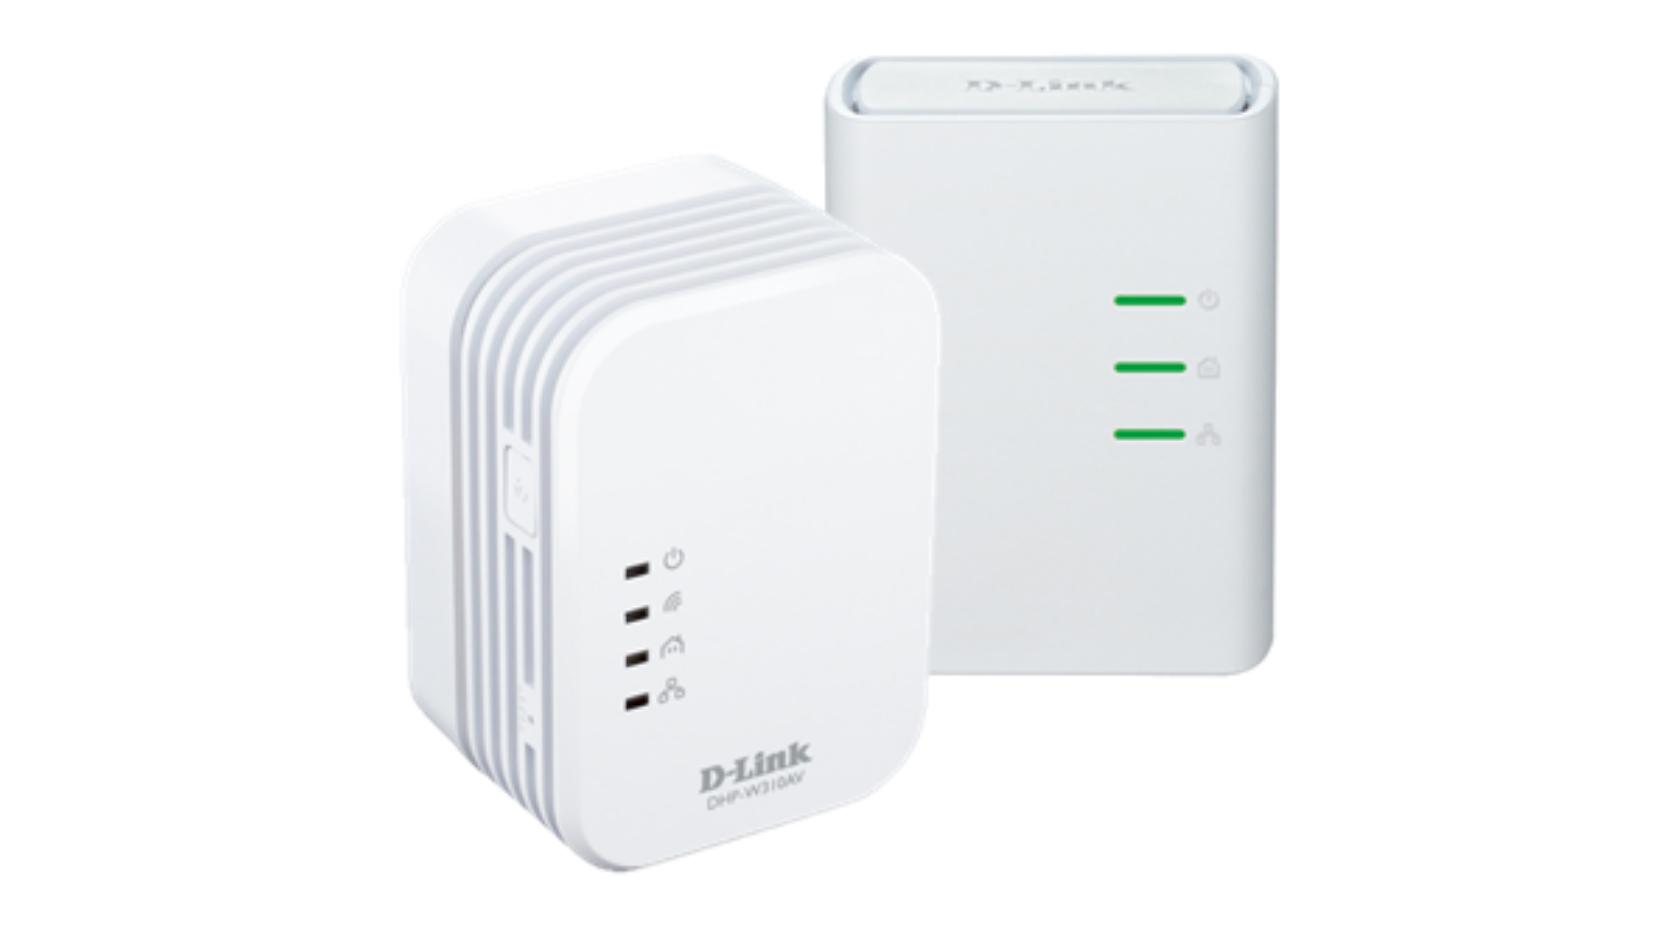 D-Link DHP-W311AV/E 500Mbit/s Eingebauter Ethernet-Anschluss WLAN Weiß 1Stück(e) PowerLine Netzwerkadapter